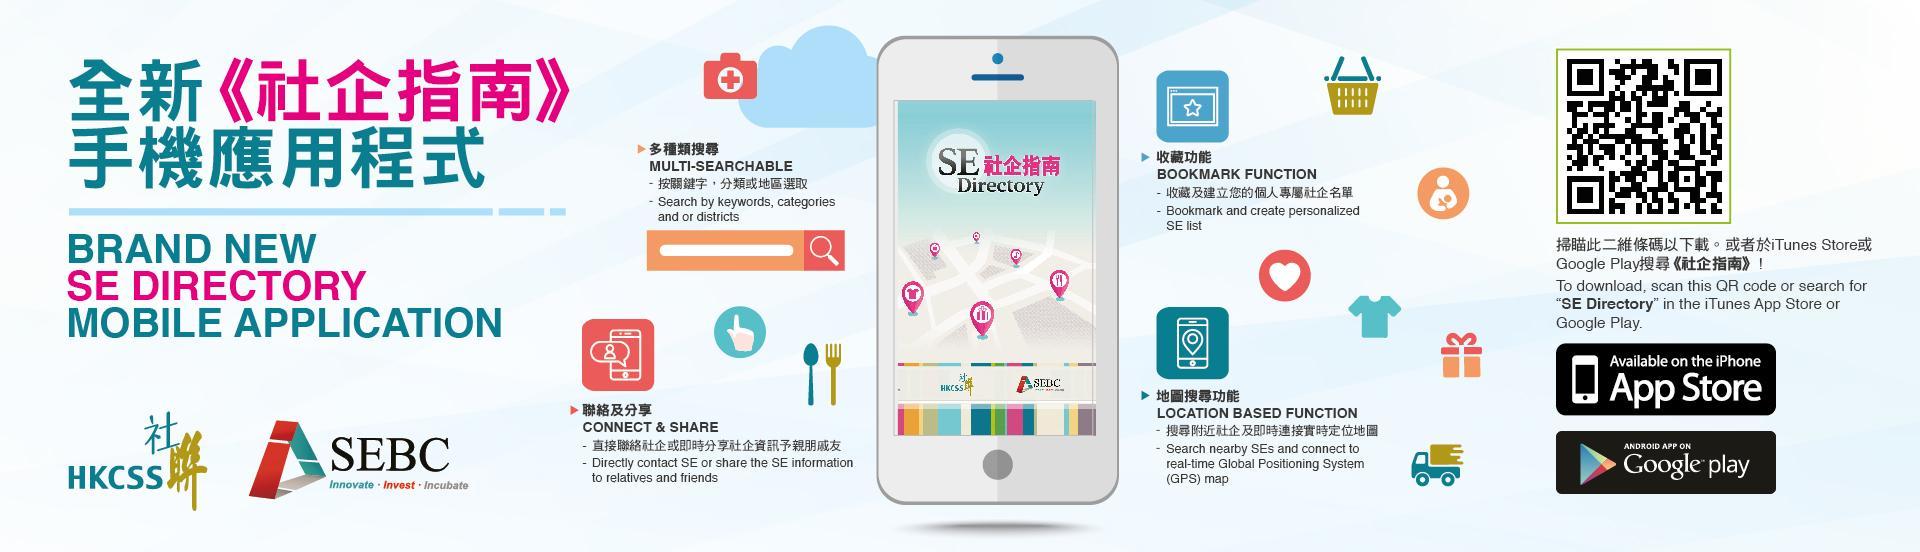 全新《社企指南》手機應用程式